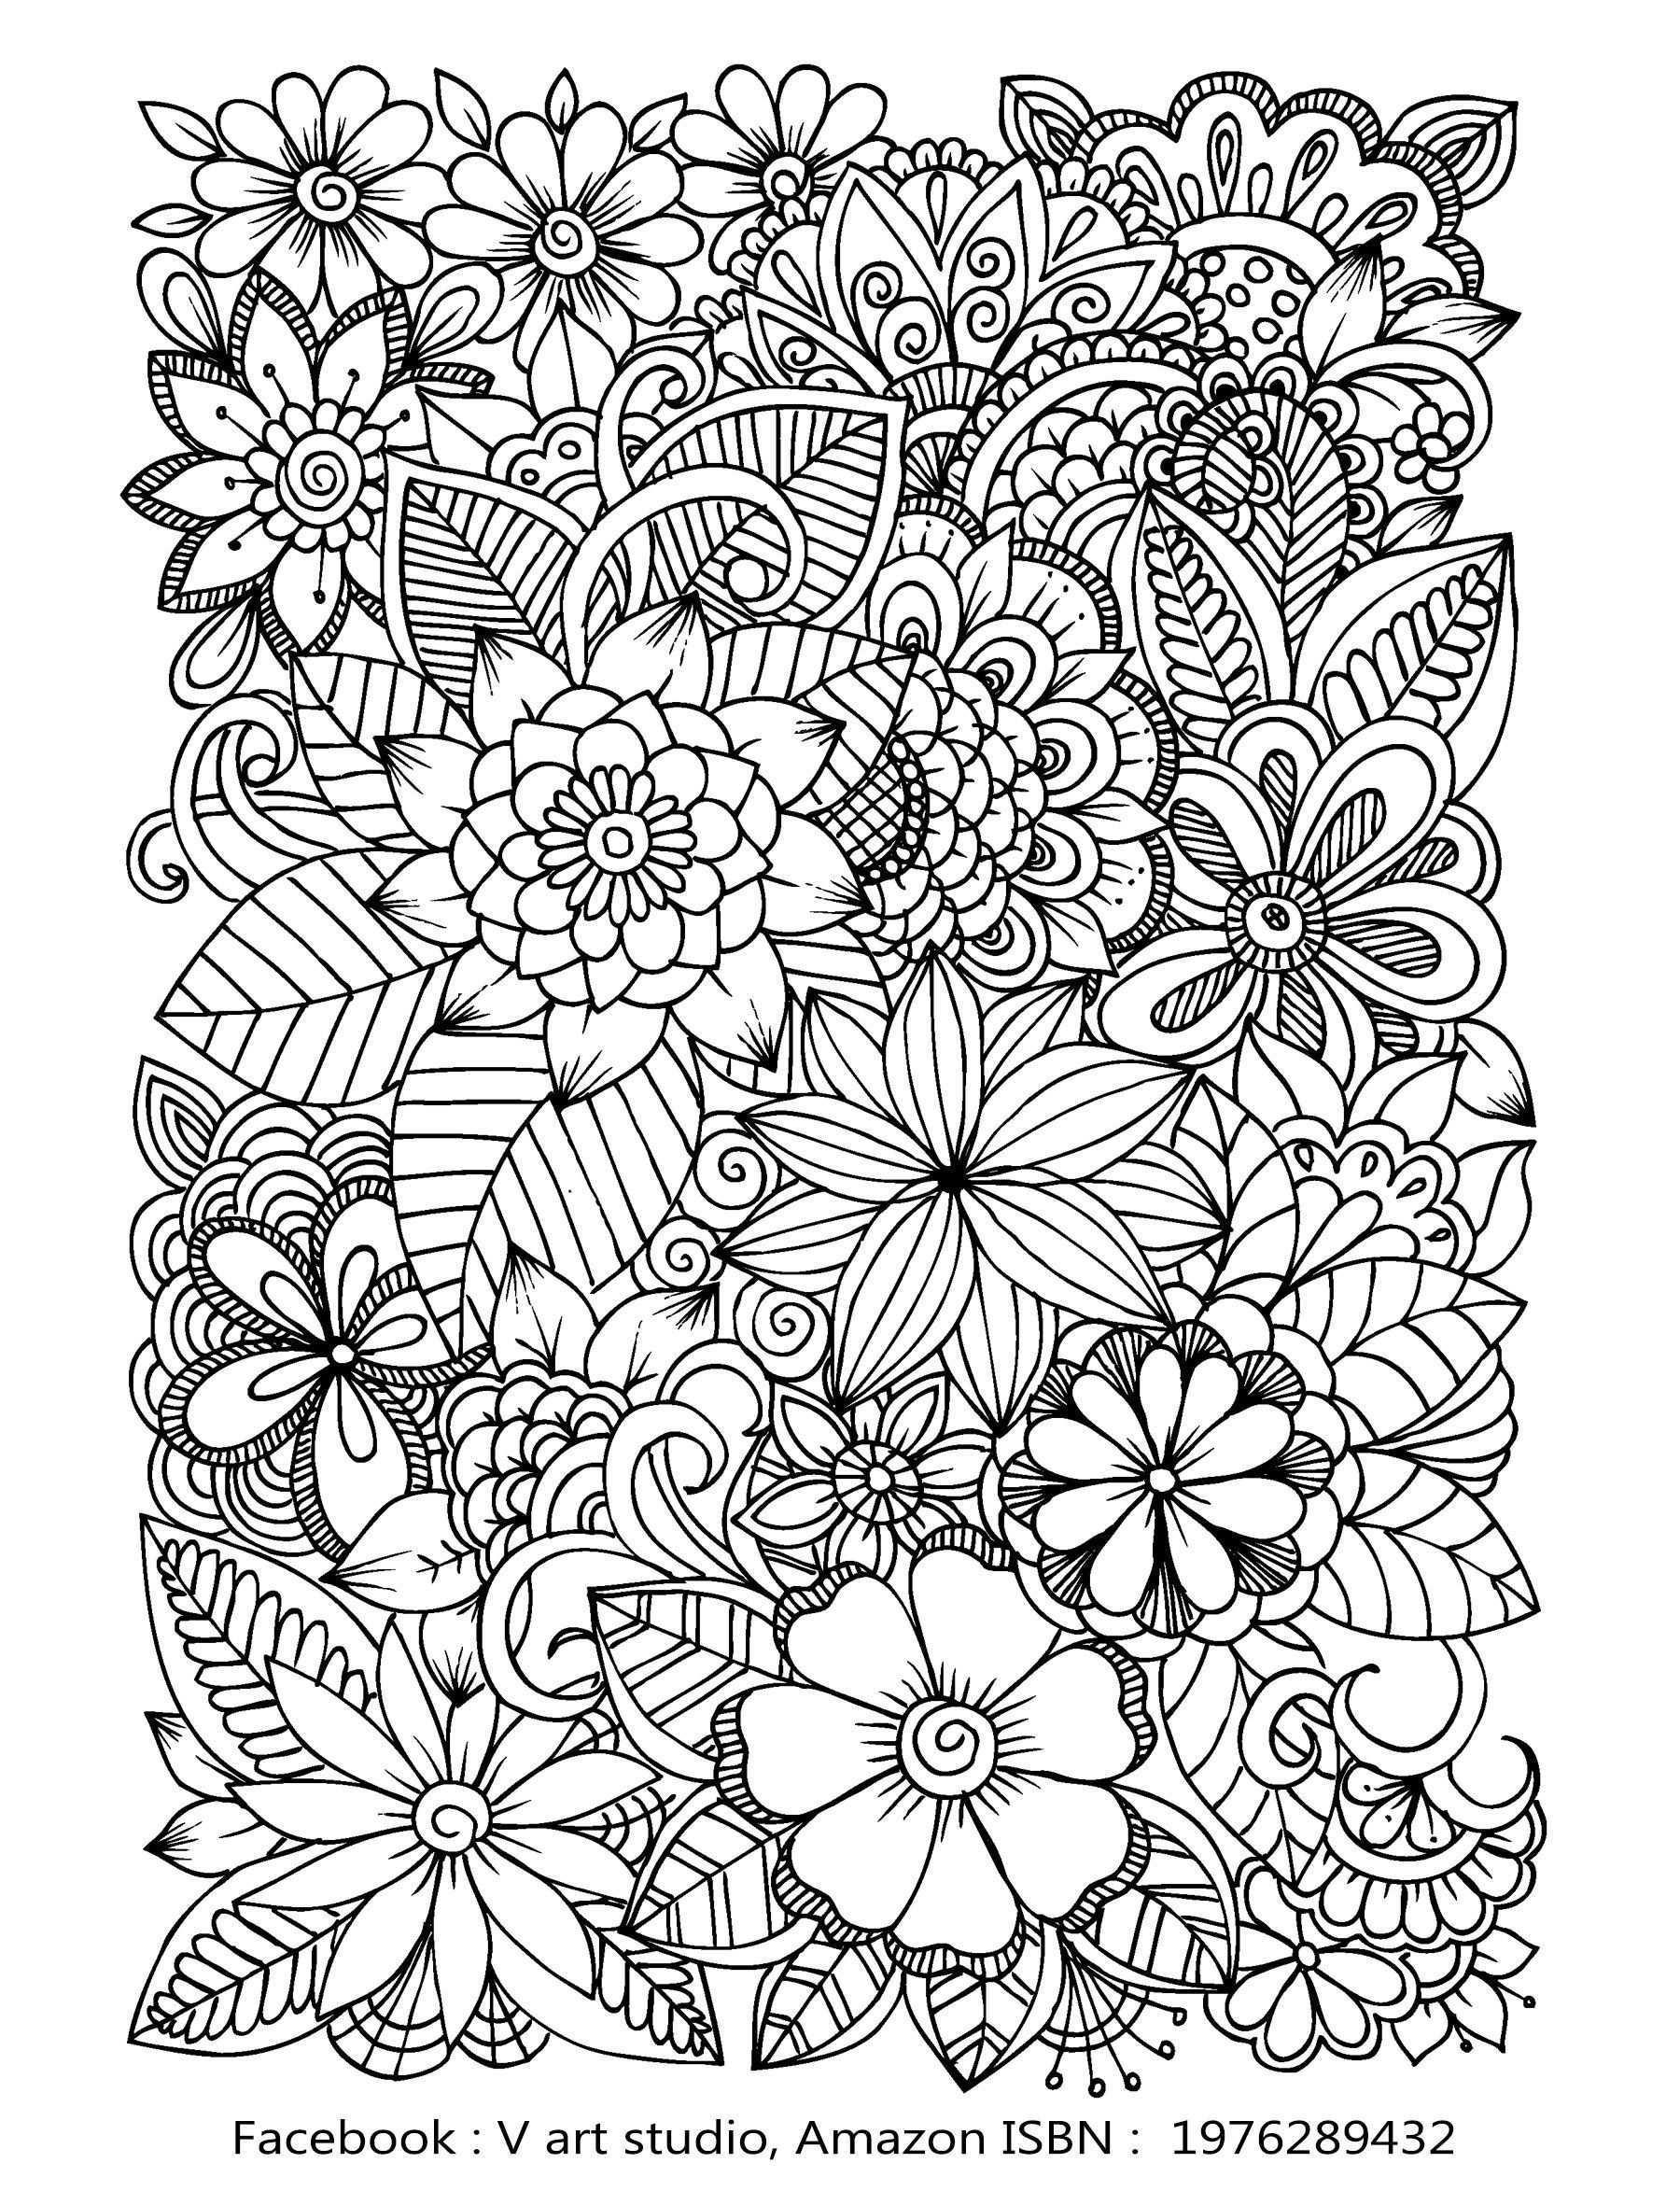 Free Coloring Pages Mandala Malvorlagen Malbuch Vorlagen Malvorlagen